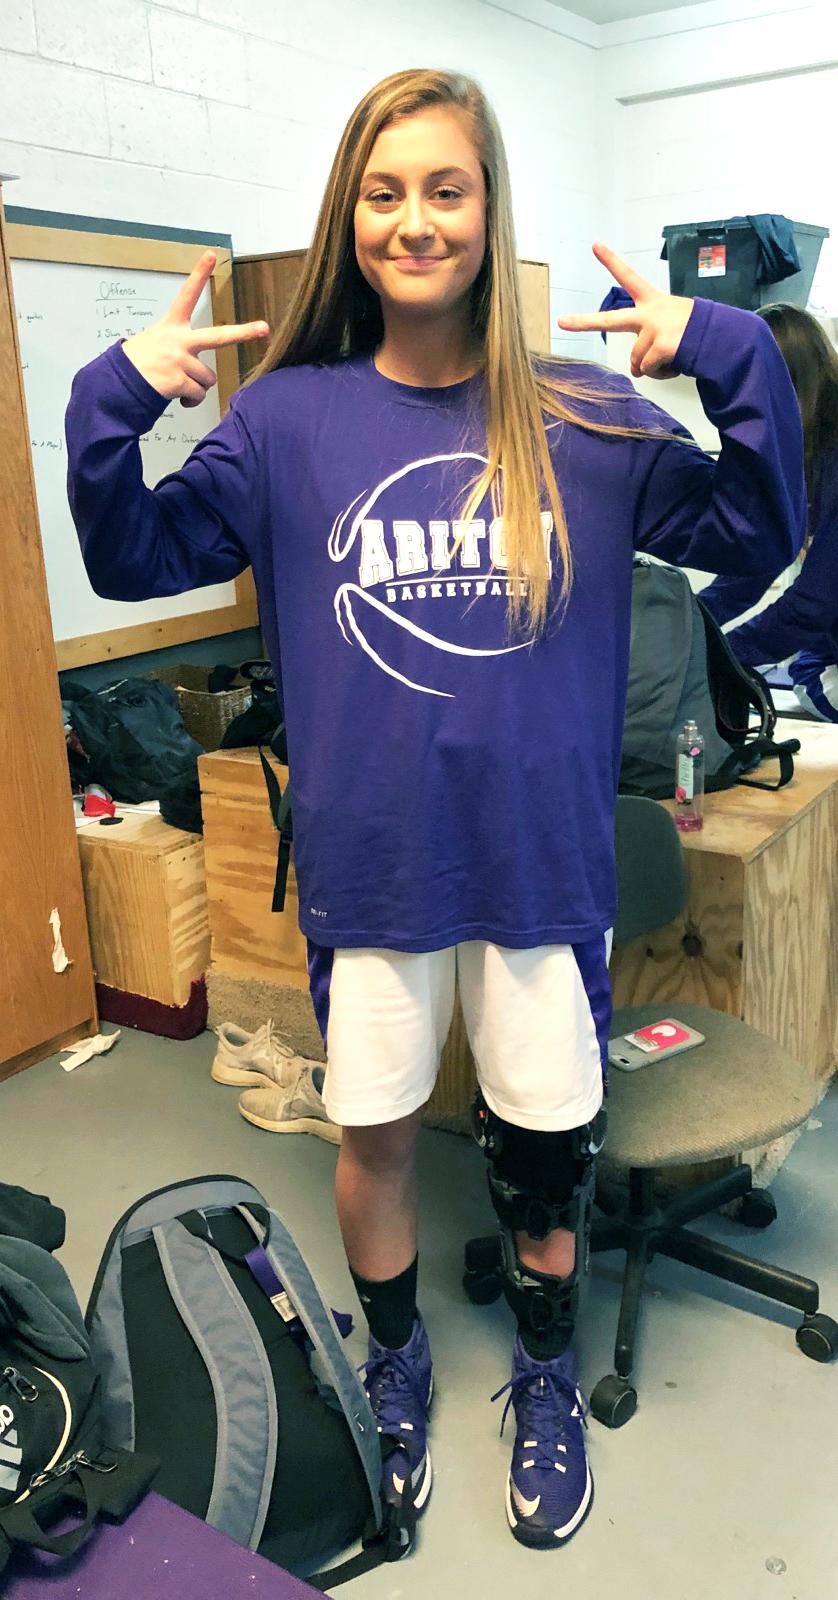 Emily Stevens is Athlete of the Month for Encore Rehabilitation-Ozark #EncoreRehab